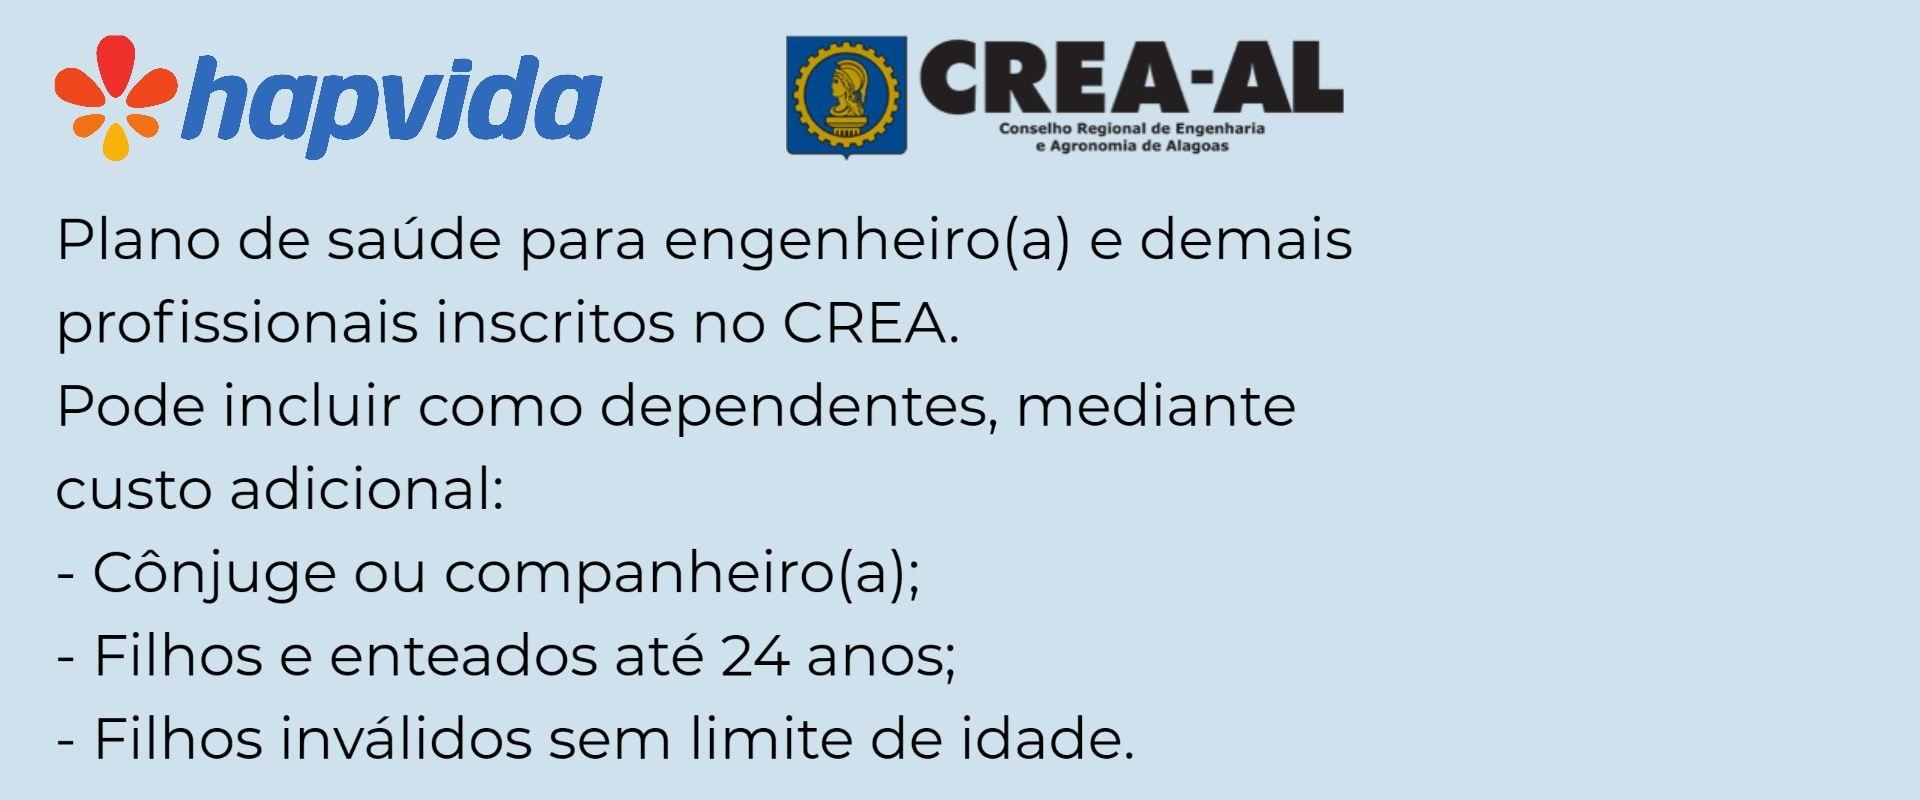 Hapvida CREA-AL.